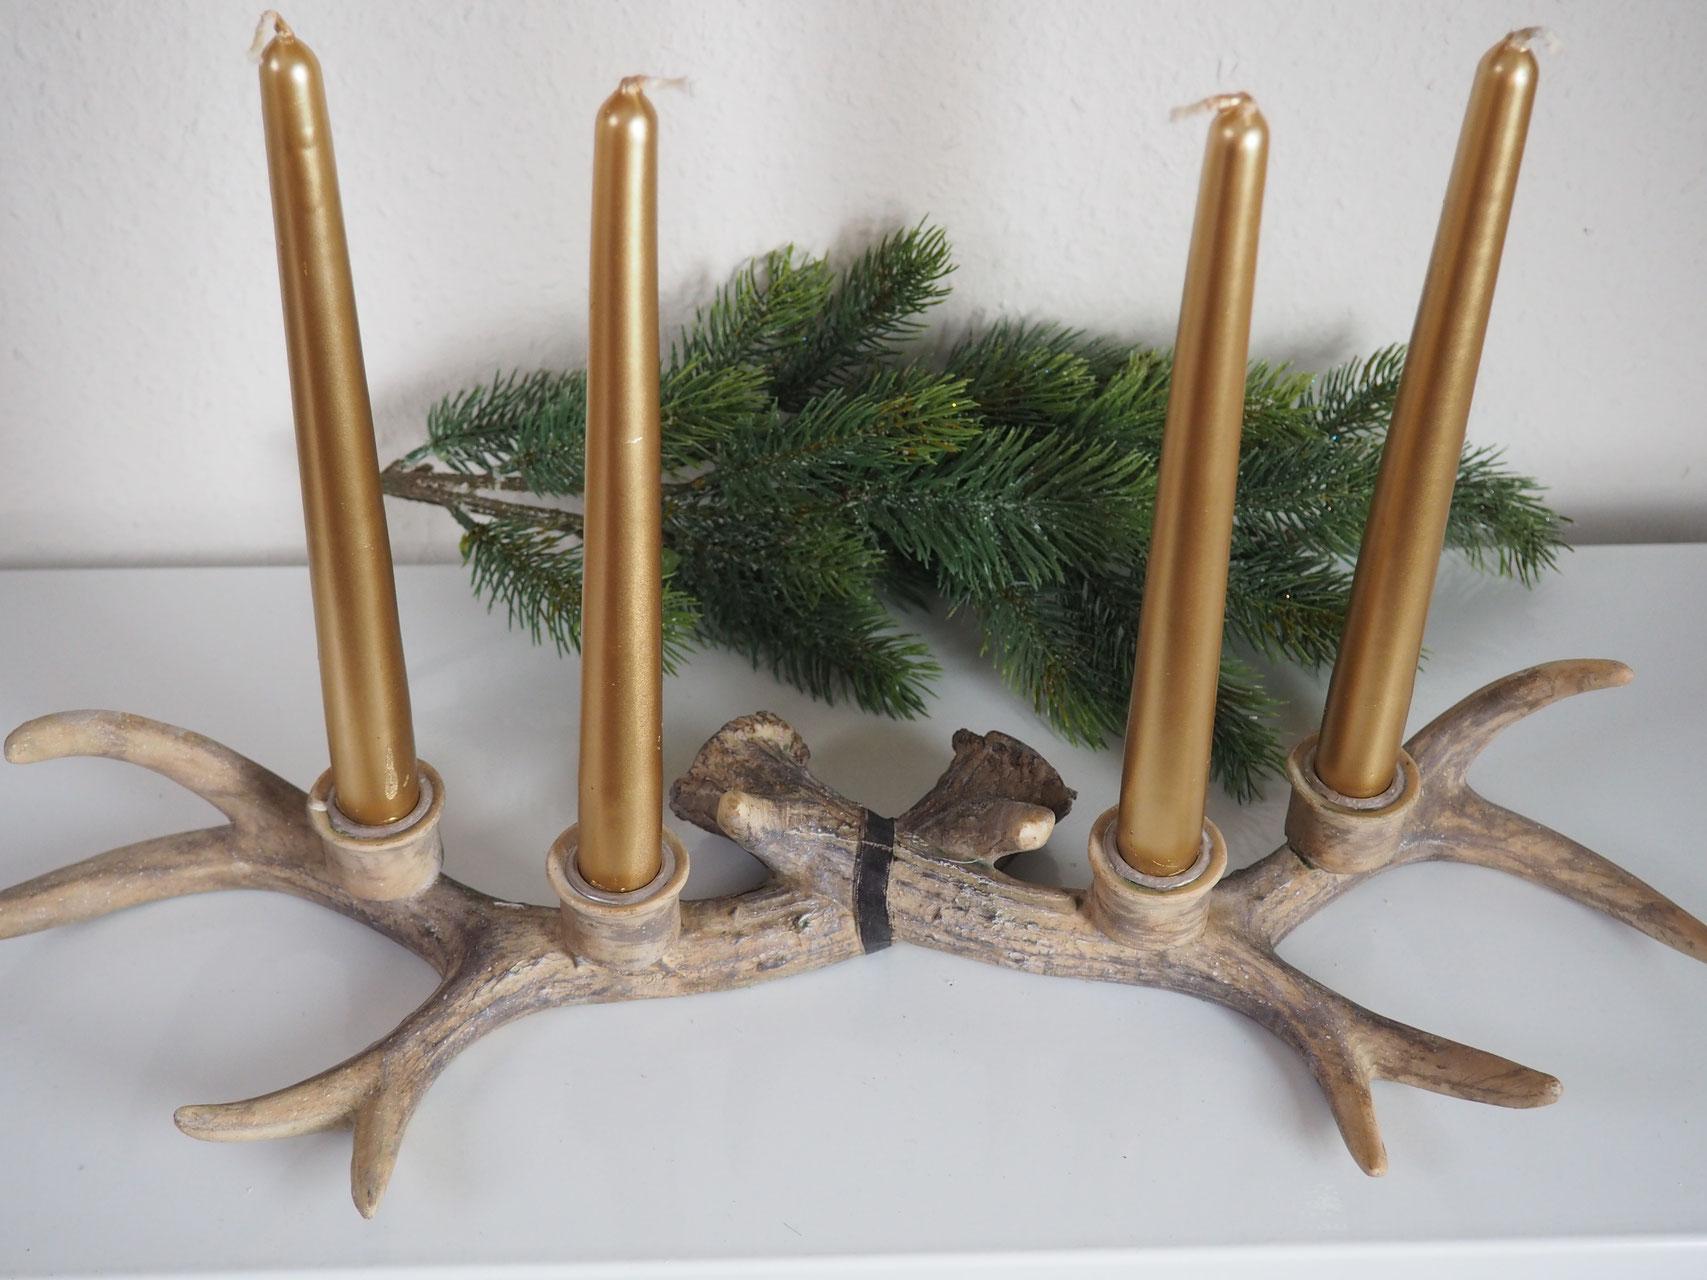 winter weihnachten wohnraum by giovinetti miete deine einrichtungsgestaltung. Black Bedroom Furniture Sets. Home Design Ideas